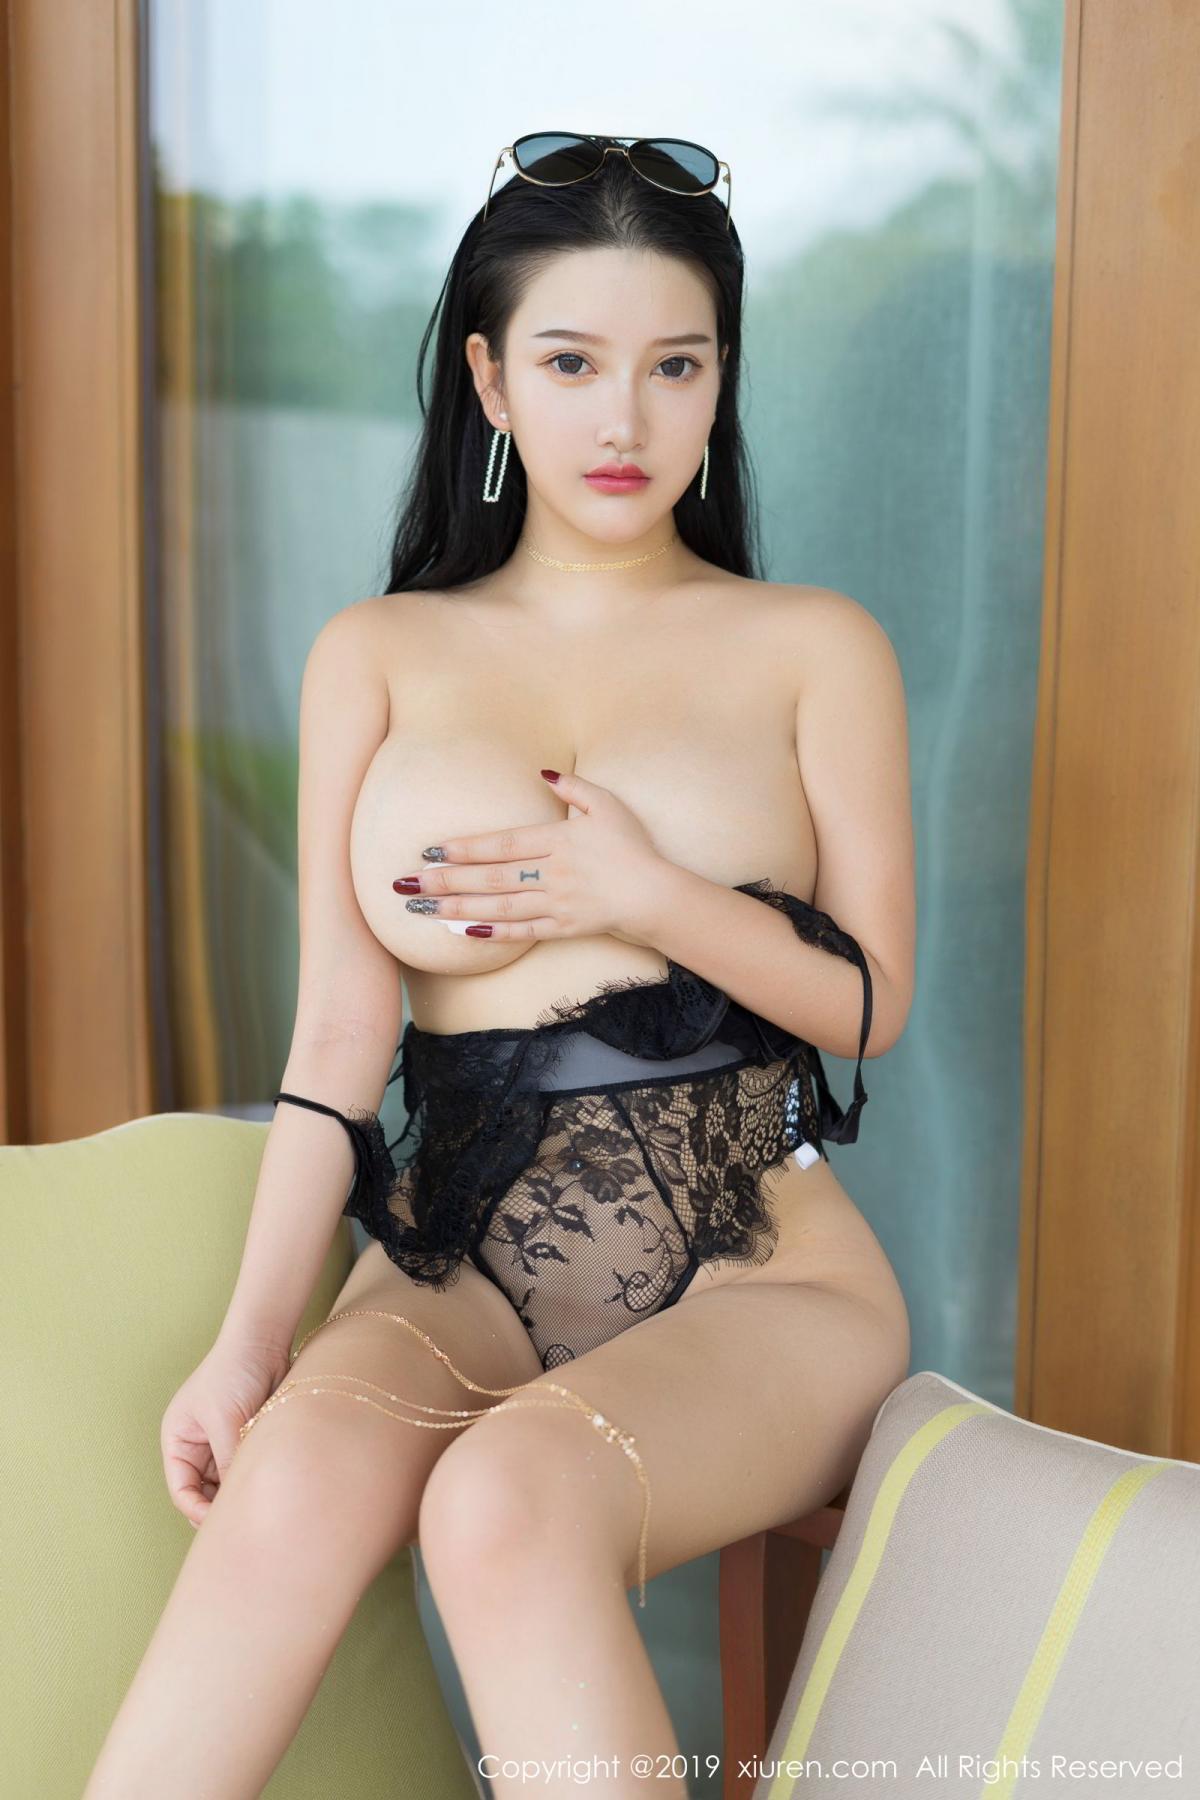 [XiuRen] Vol.1726 Lu Lu Xiao Miao 45P, Lu Lu Xiao Miao, Outdoor, Swim Pool, Xiuren